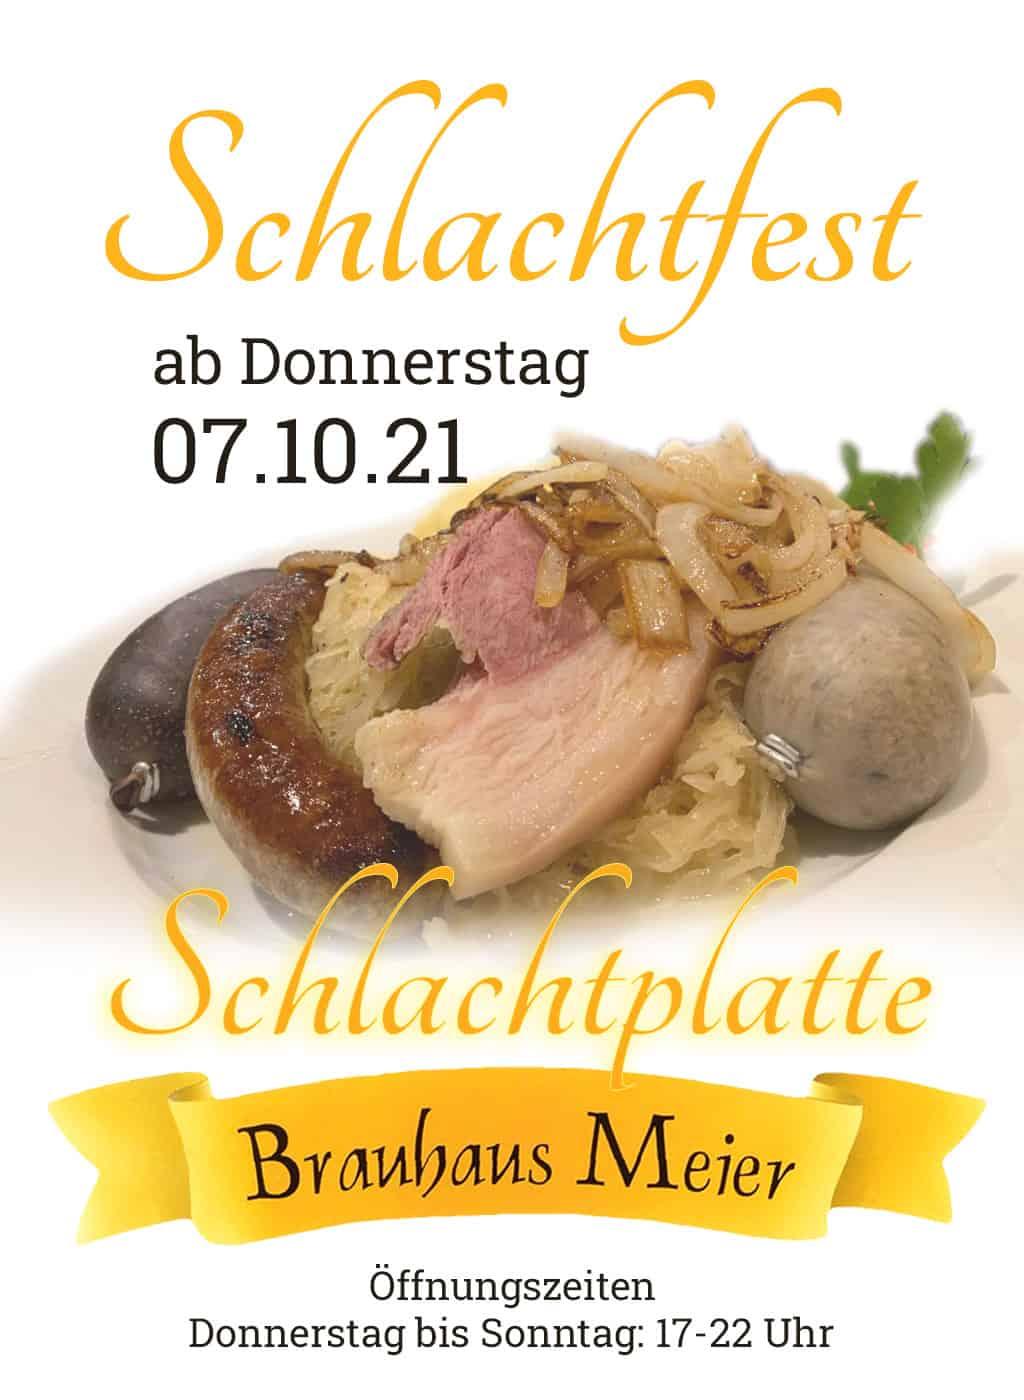 Schlachtfest im Brauhaus Meier, ab Donnerstag, 07. Oktober  2021